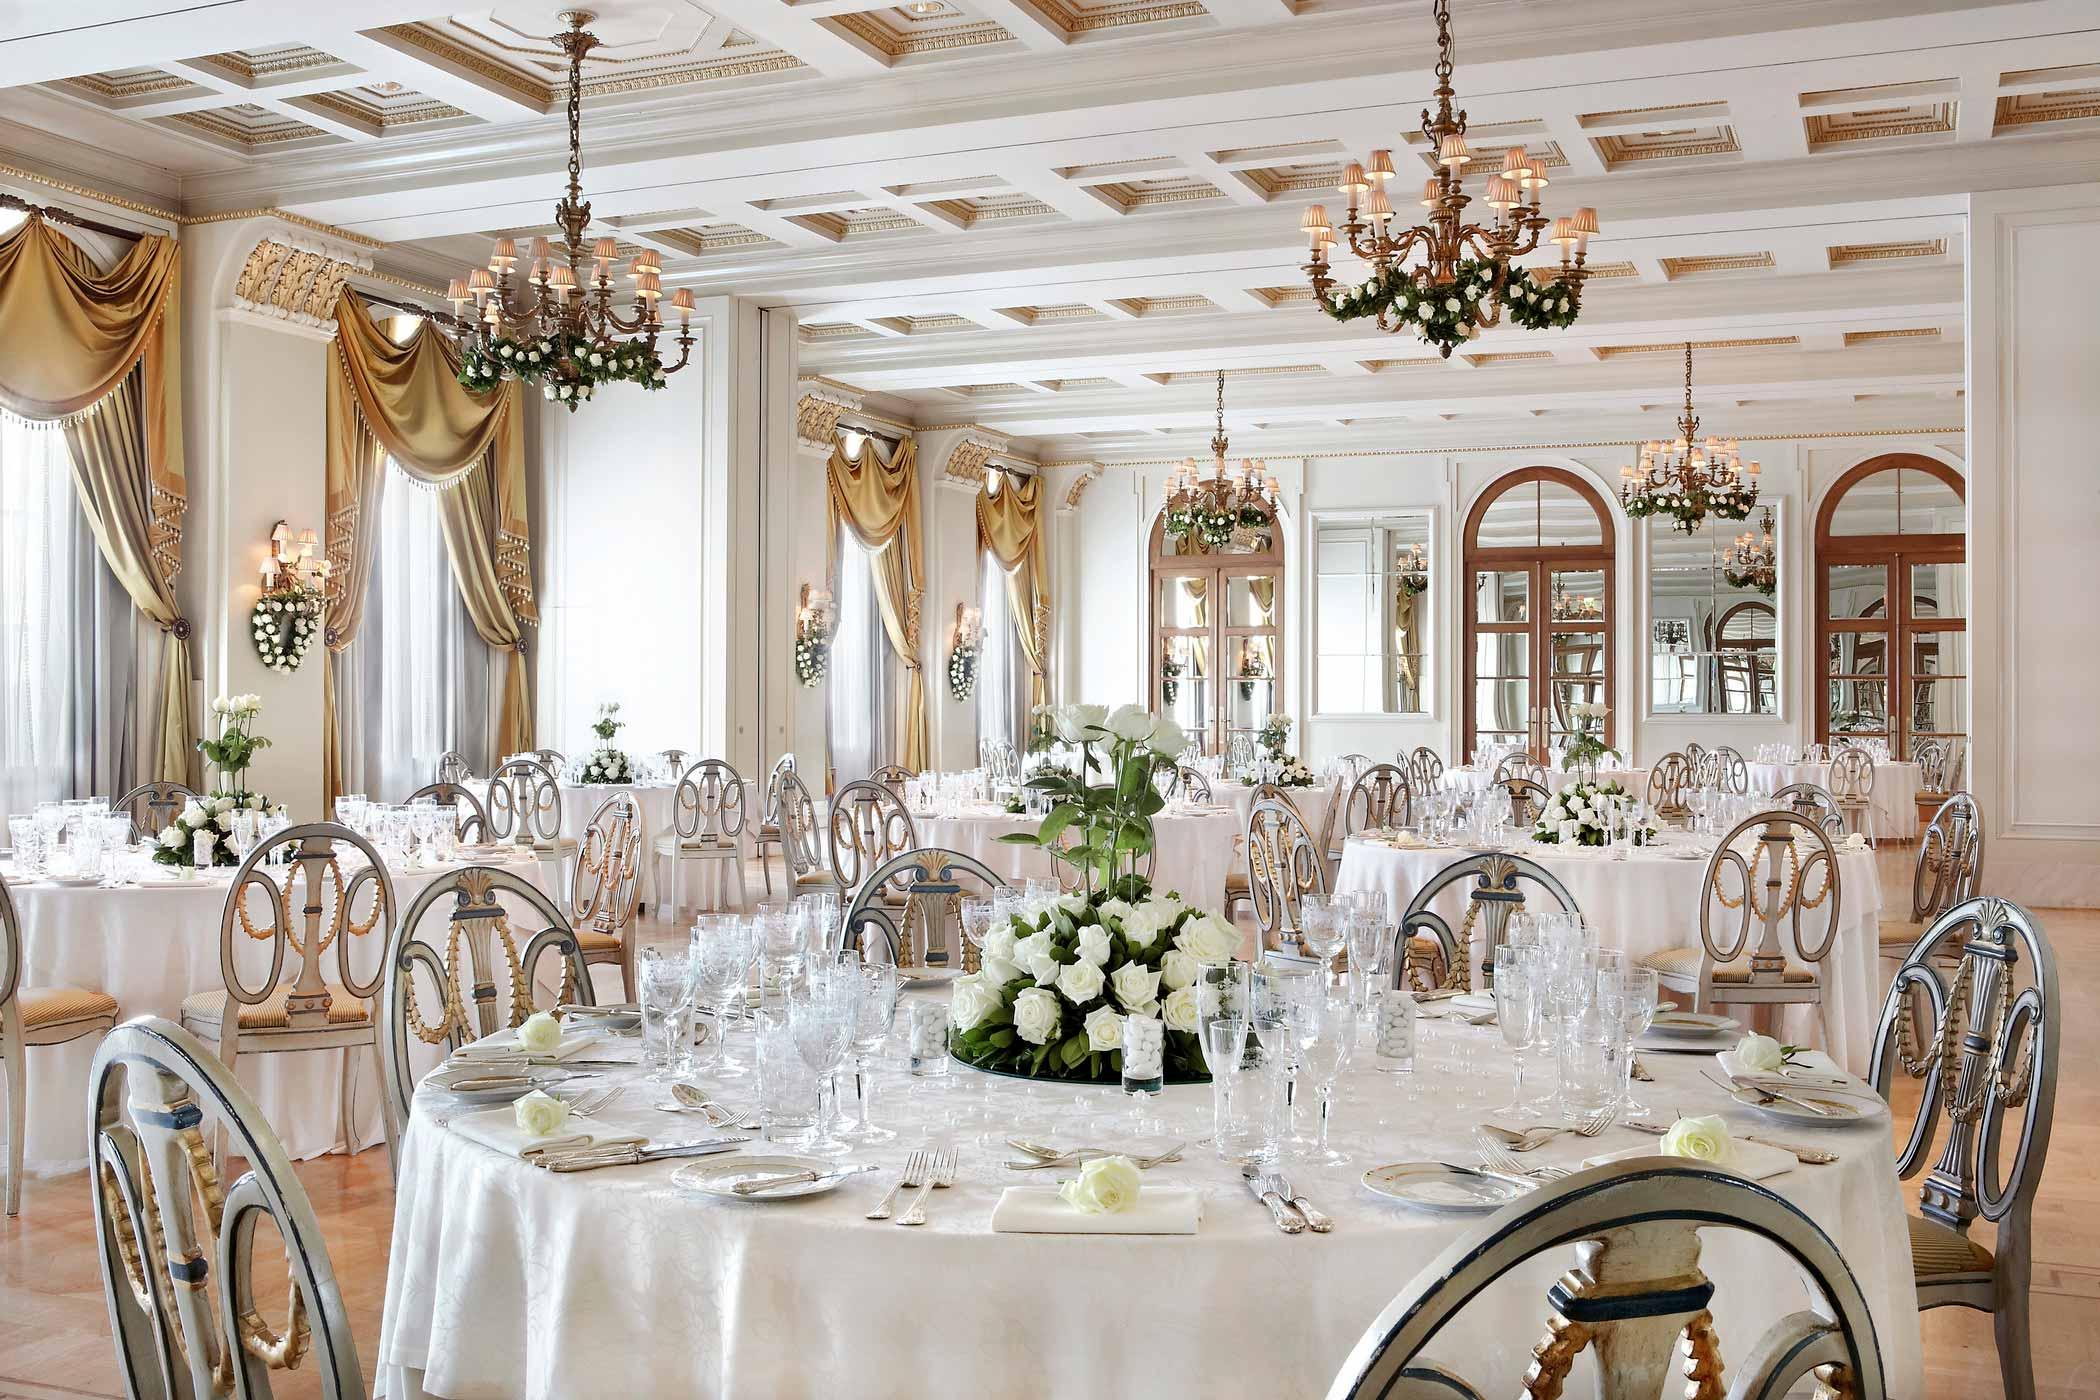 Greek Hotel Royal Park